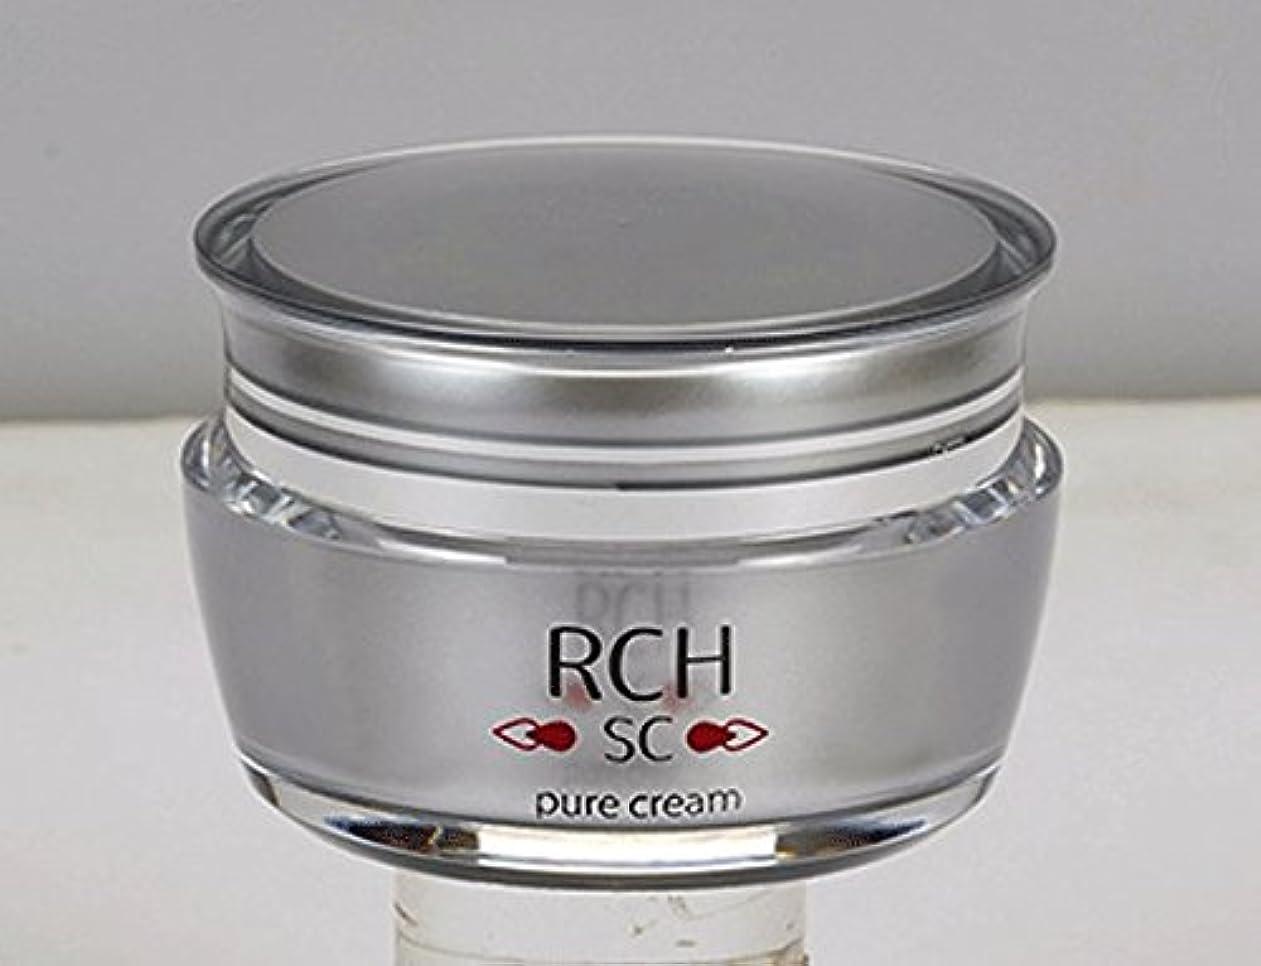 塗抹苛性ましいRCH SC ピュアクリーム ヒト脂肪細胞培養液配合クリーム